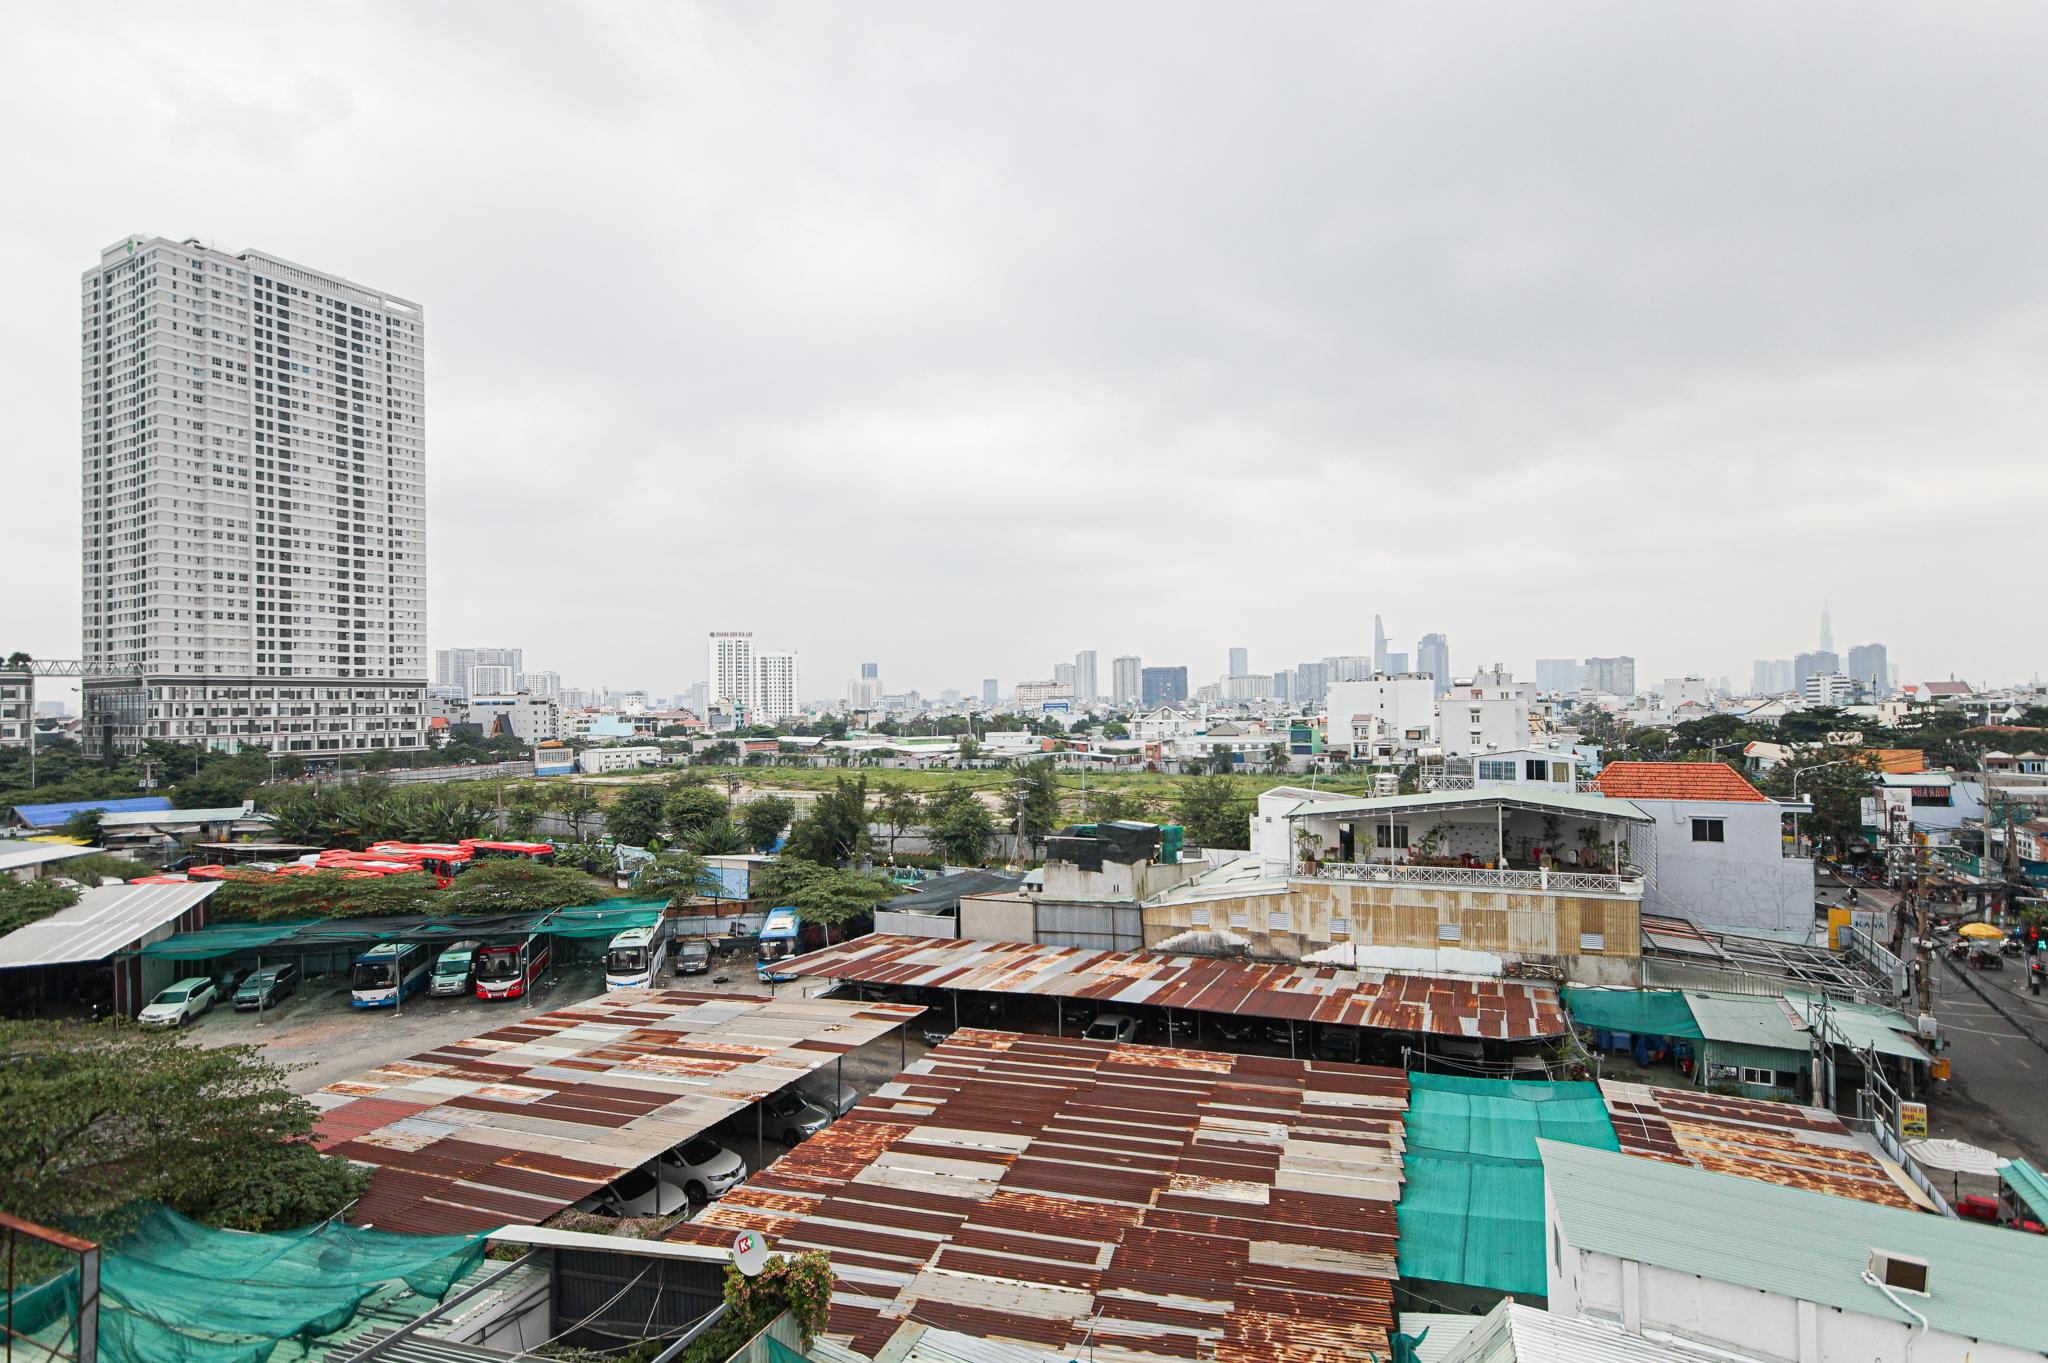 Cho Thuê Văn Phòng Le Van Luong Office Building - Đầy Đủ Nội Thất & Tươi Sáng-7